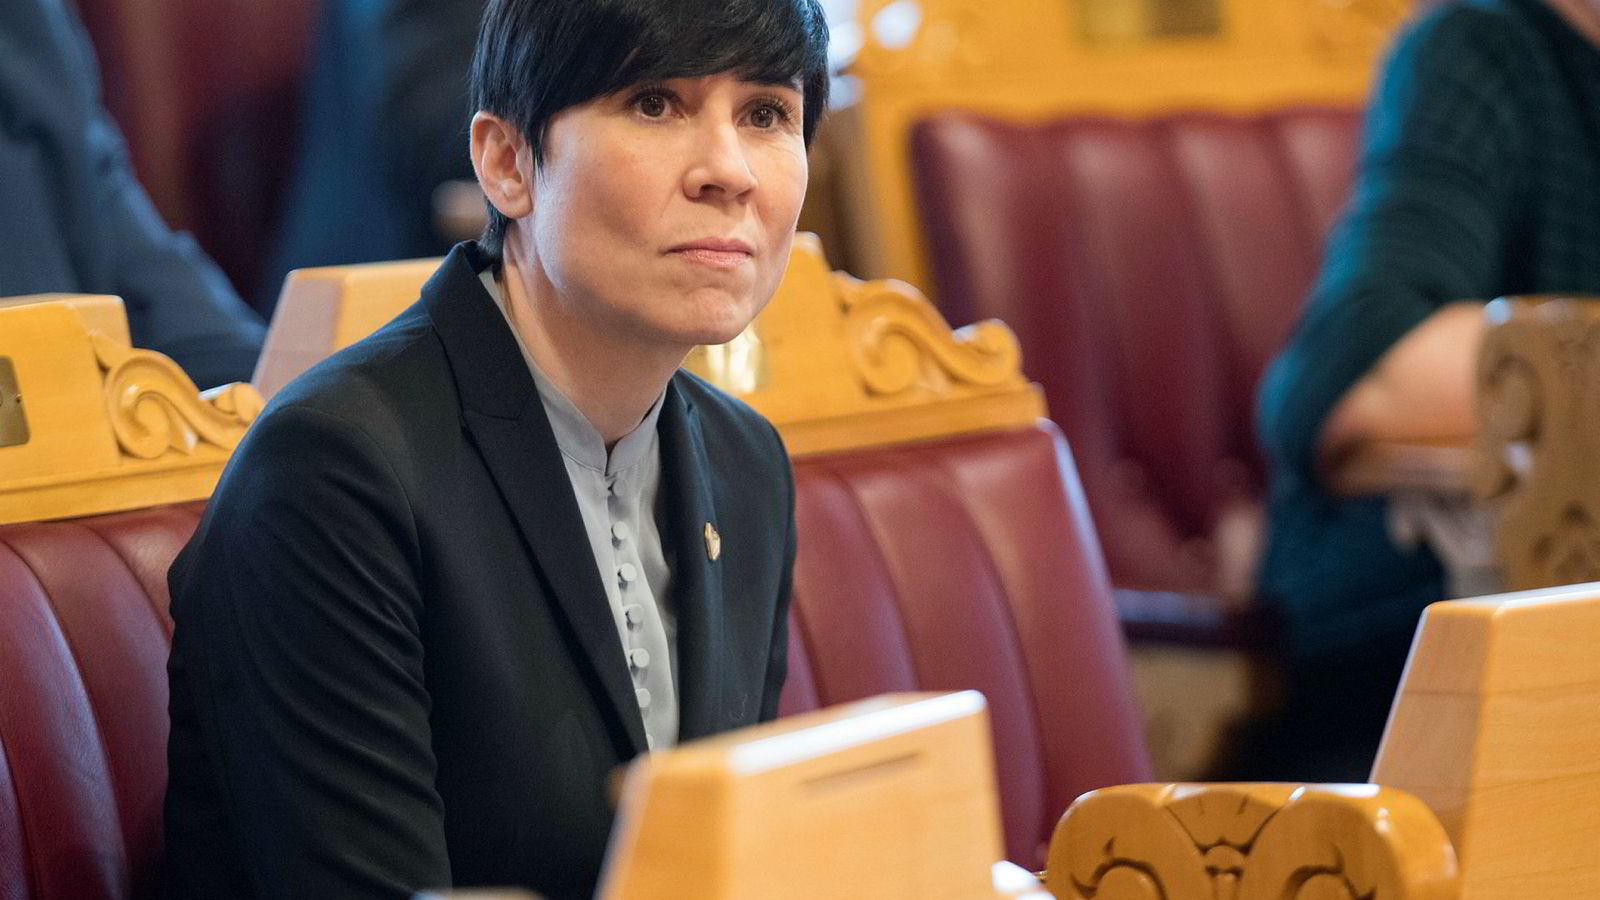 Utenriksminister Ine Eriksen Søreide (H) holdt sin utenrikspolitiske redegjørelse i Stortinget tirsdag. Foto: Terje Bendiksby / NTB scanpix